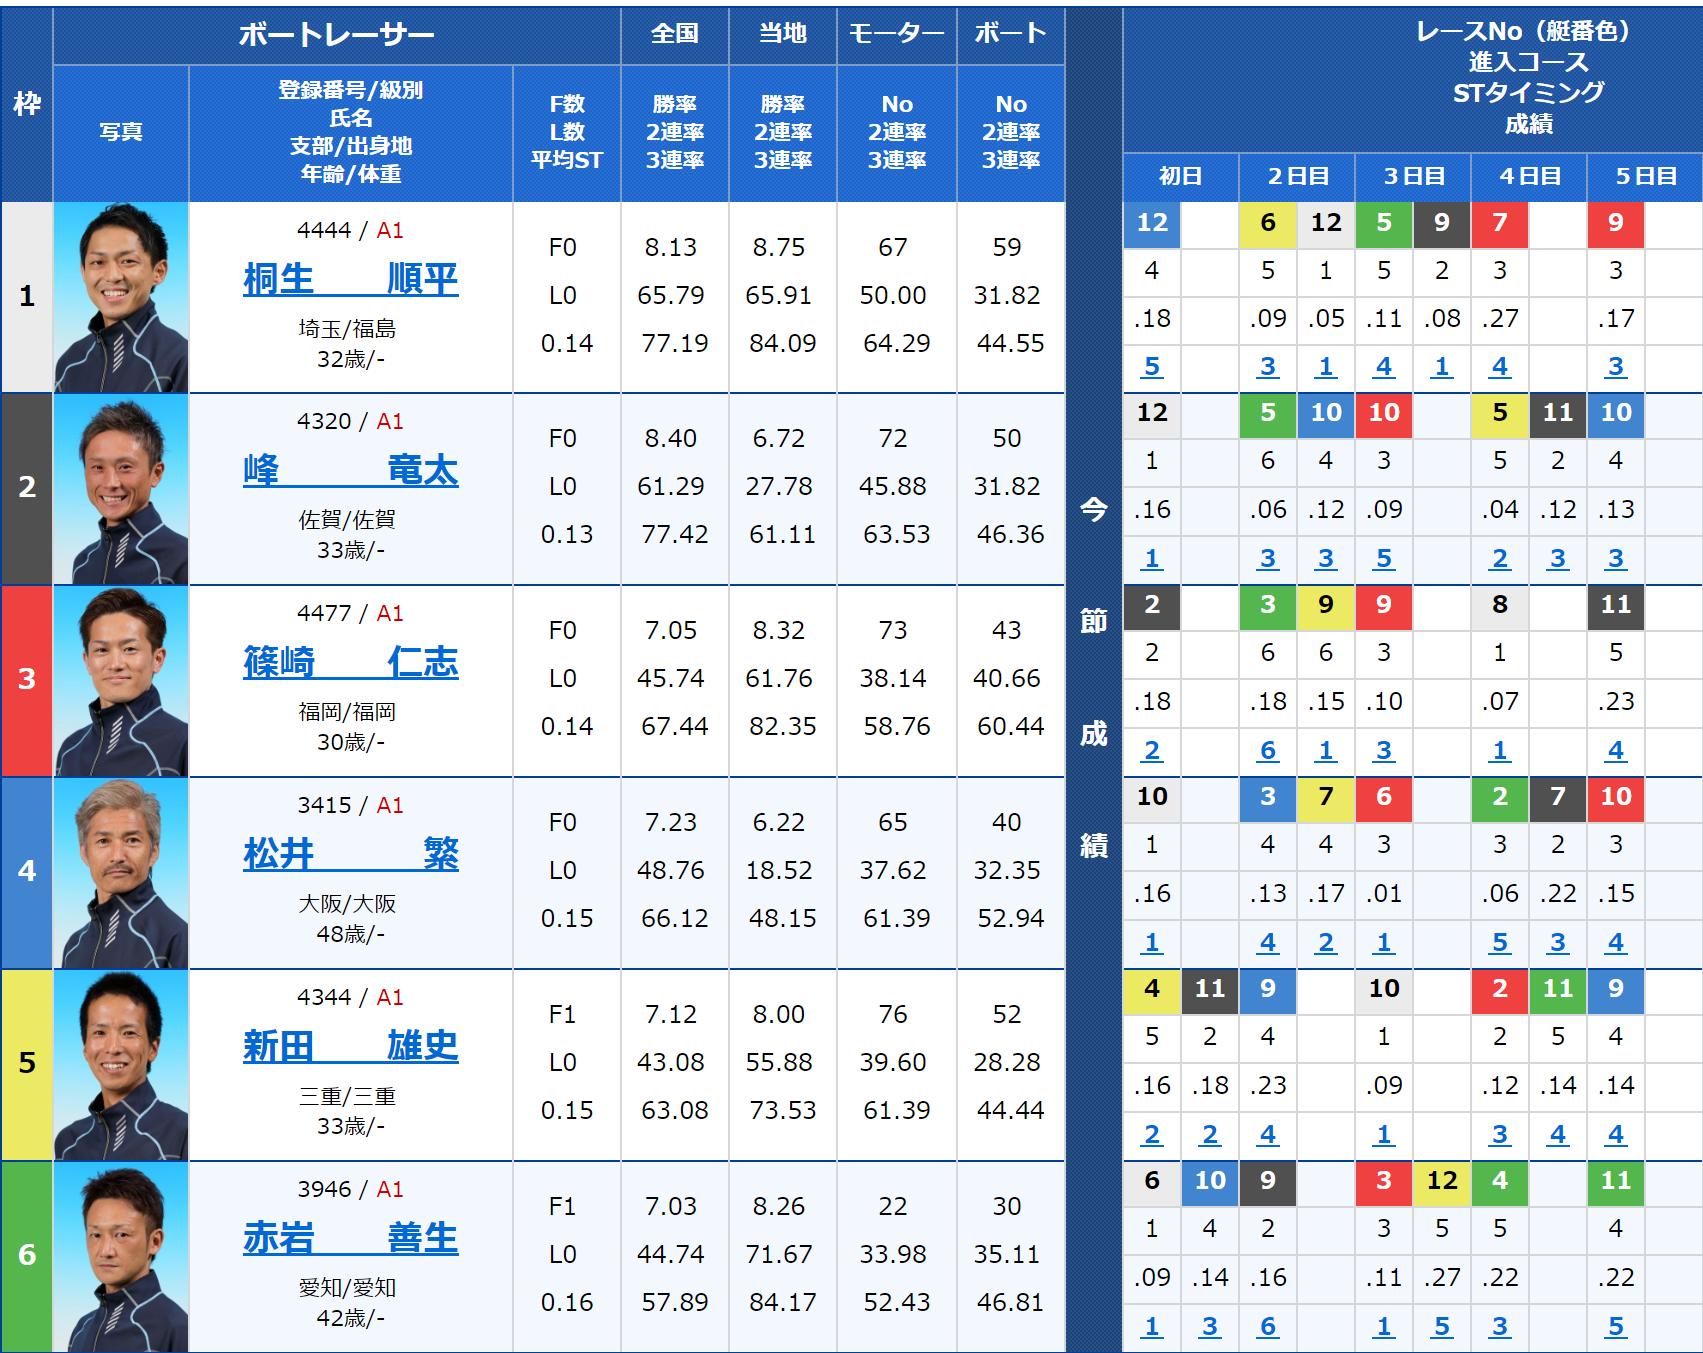 2018年10月28日蒲郡SGボートレースダービー最終日11Rの出走表